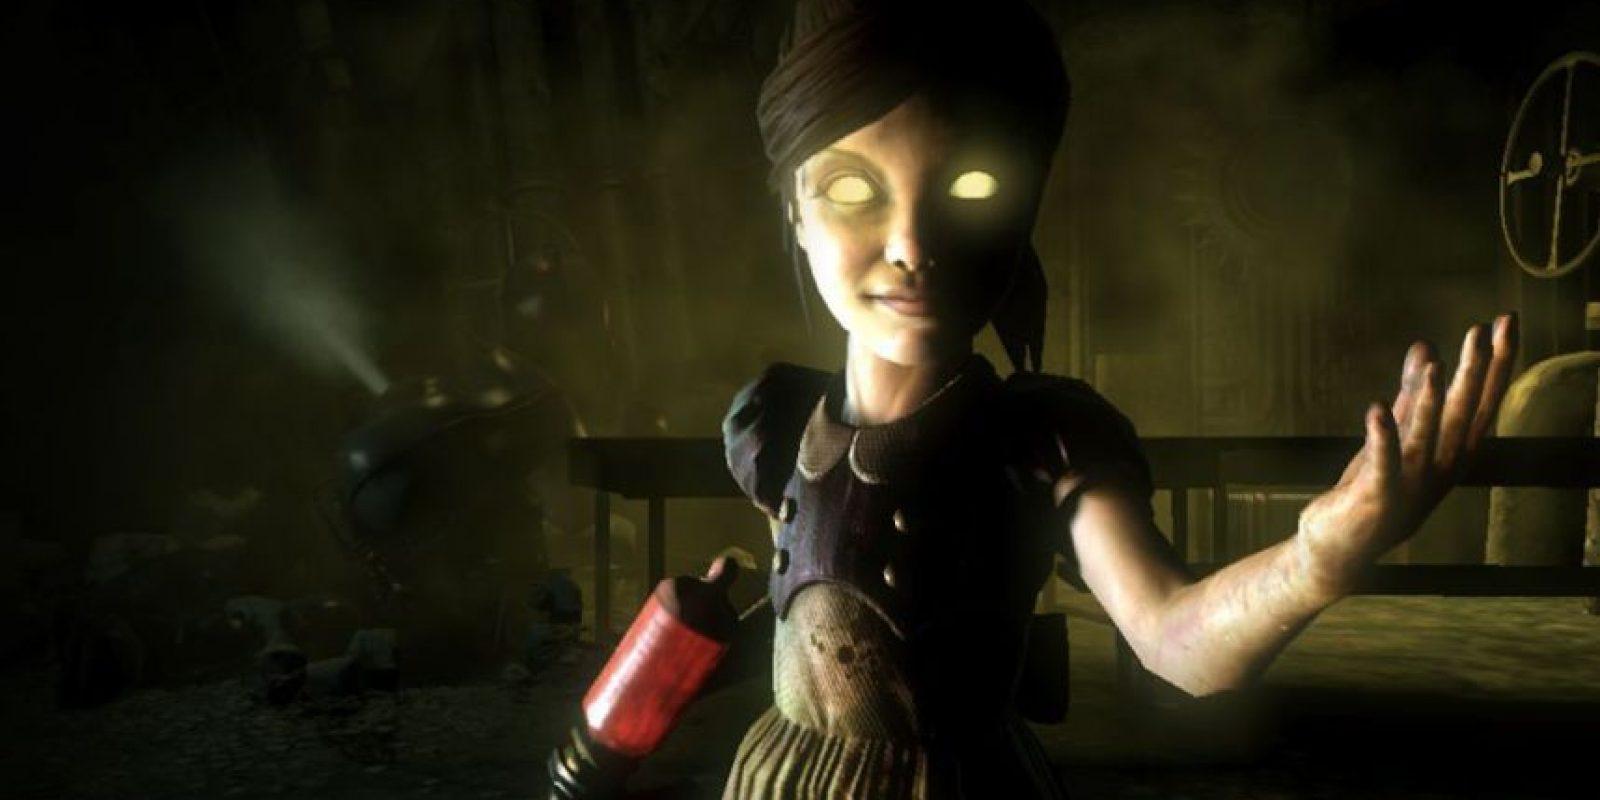 """""""Bioshock"""" incorpora elementos de juegos de rol, biopunk, survival horror y sigilo Foto:Irrational Games"""